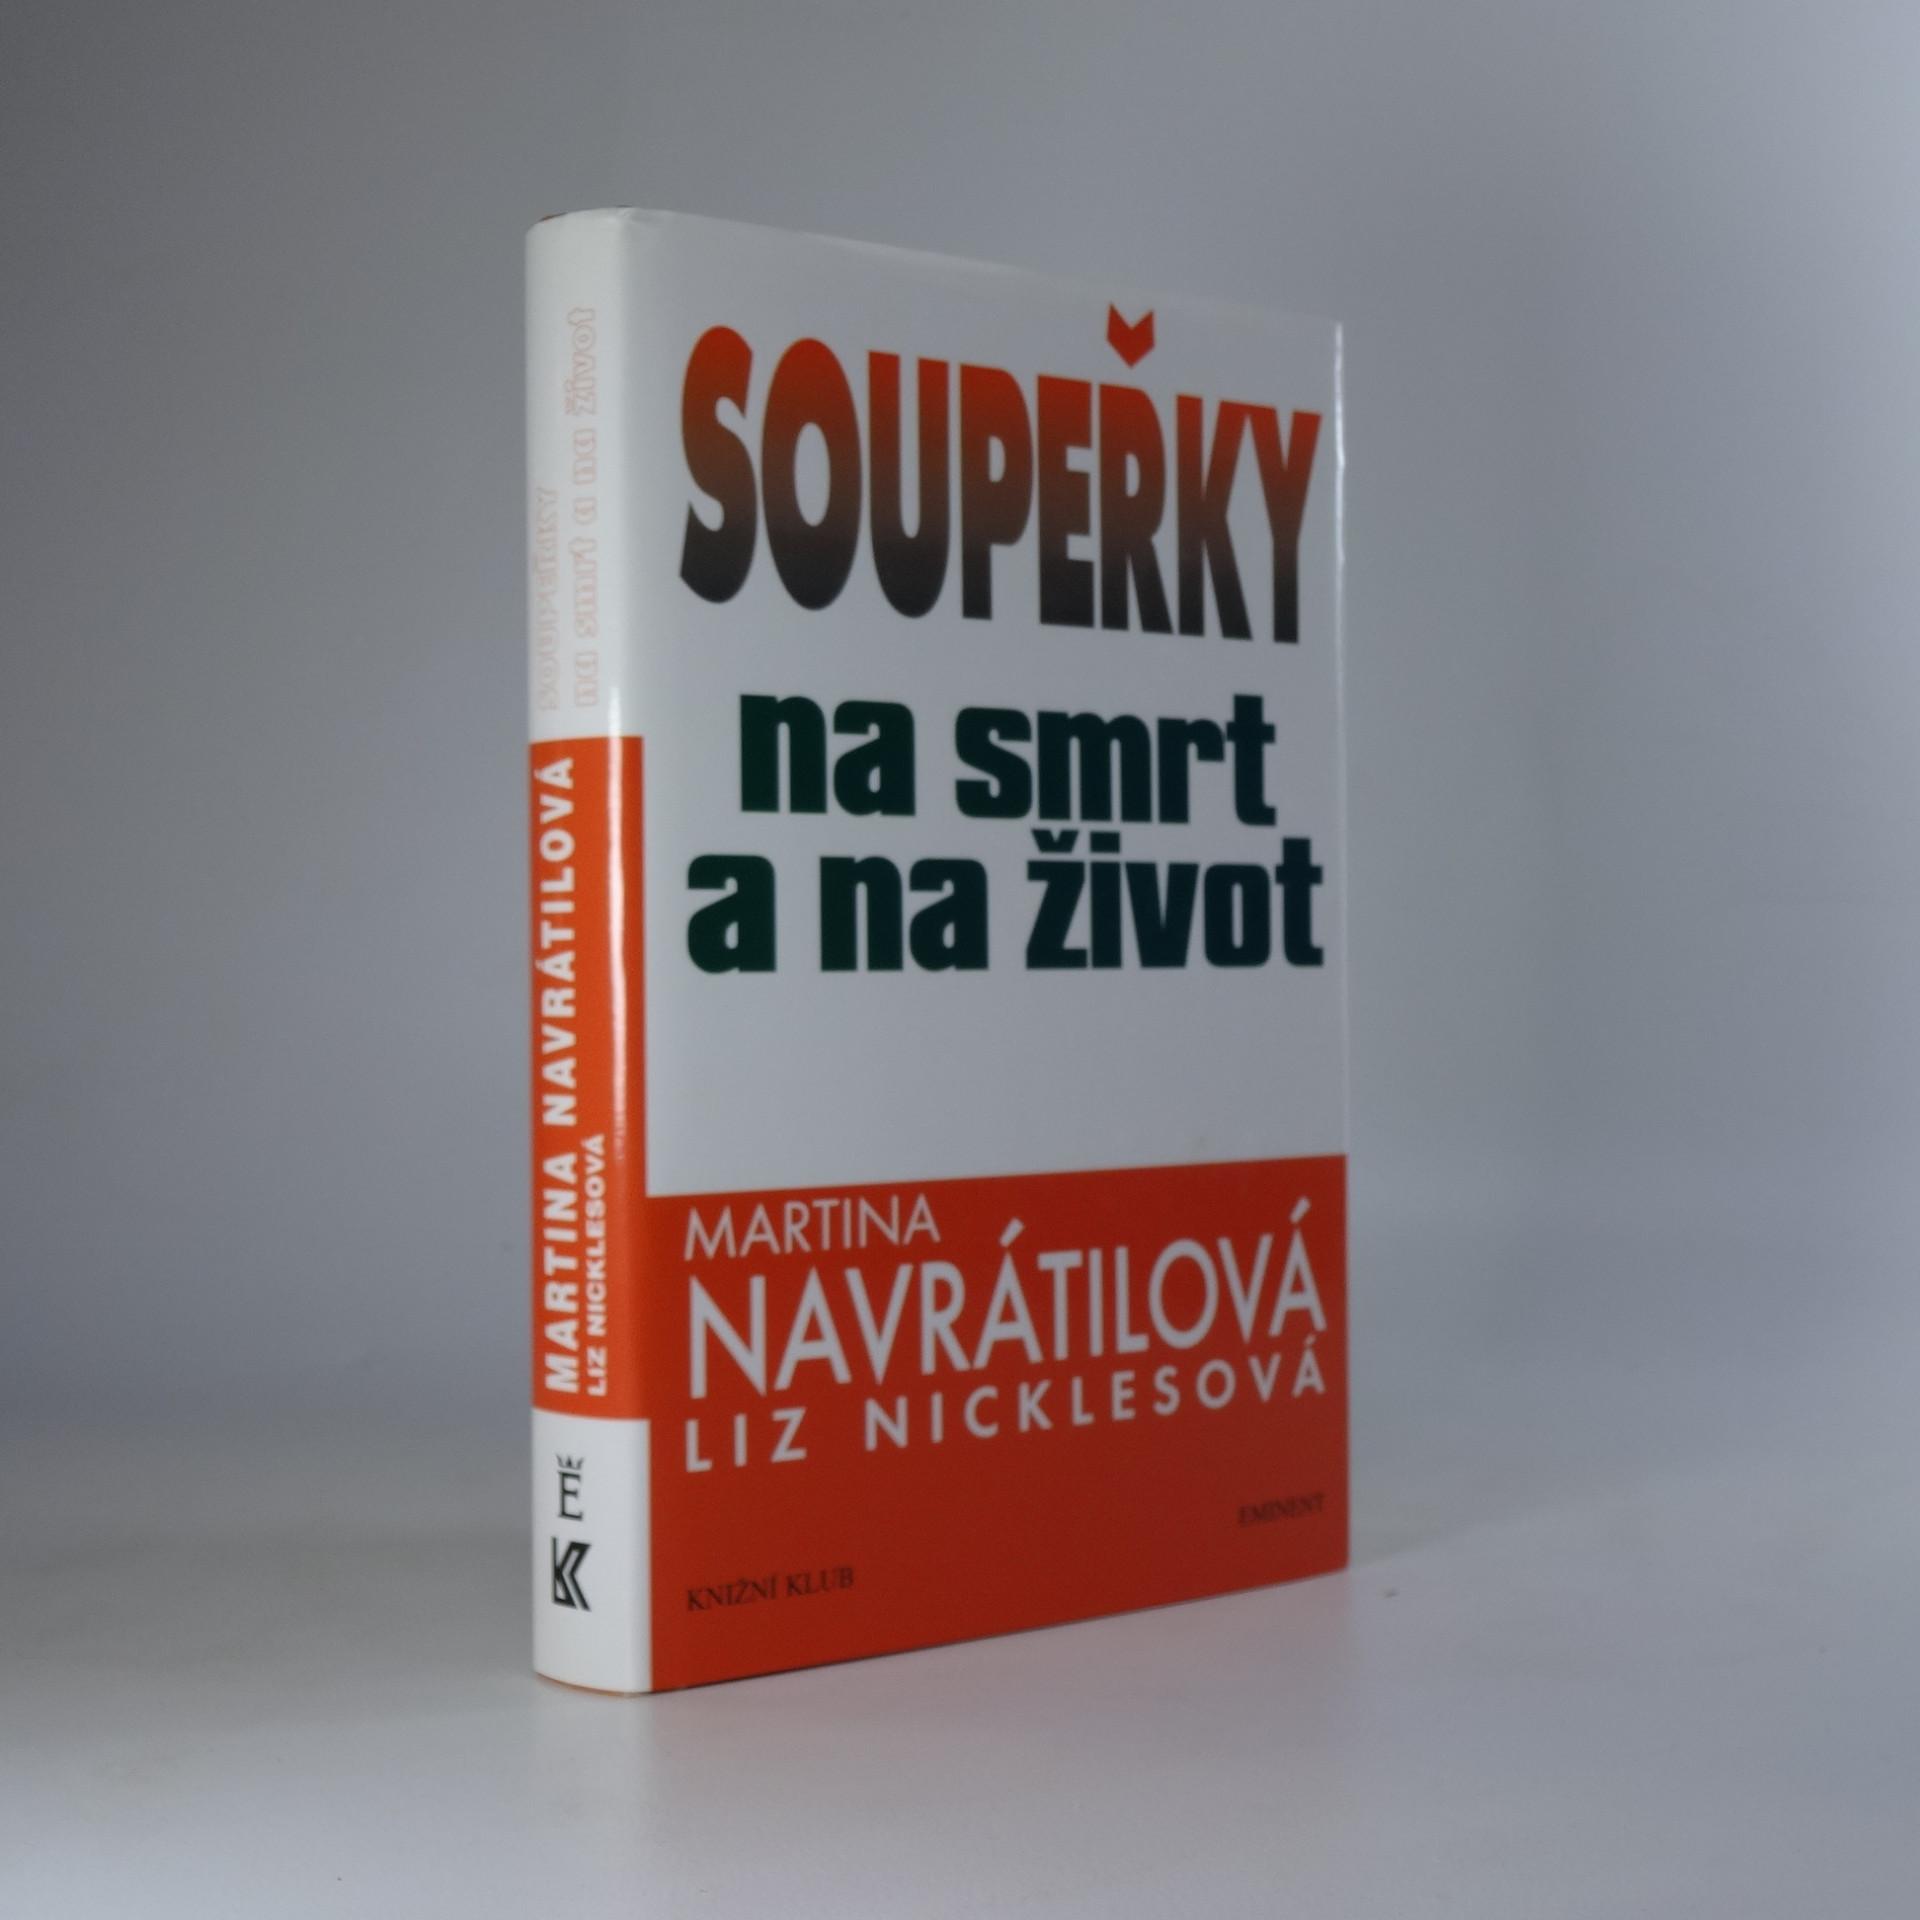 antikvární kniha Soupeřky na smrt a na život, 1997